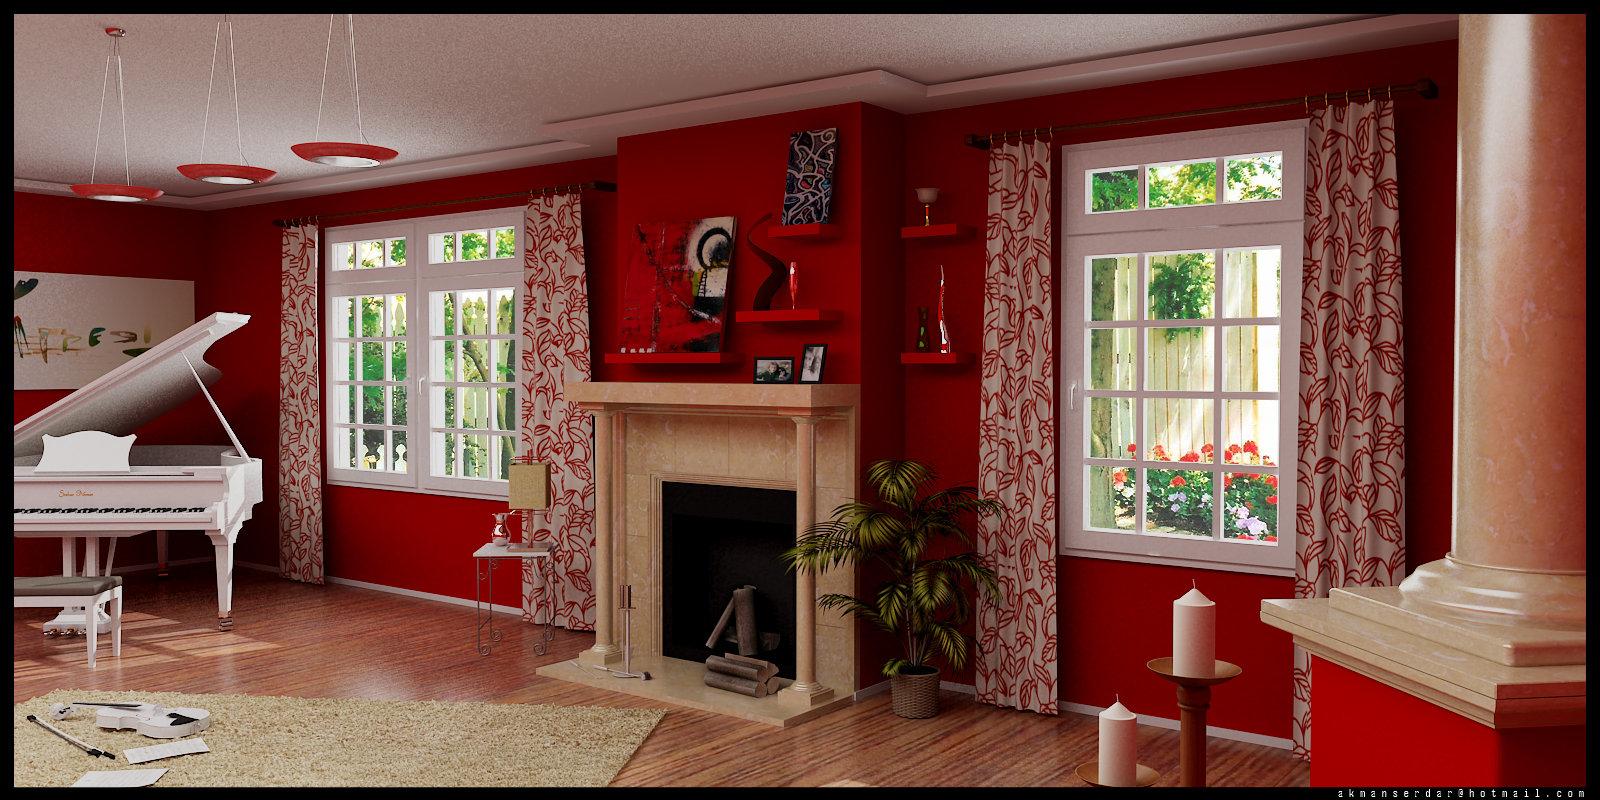 salon con chimenea y piano en color rojo